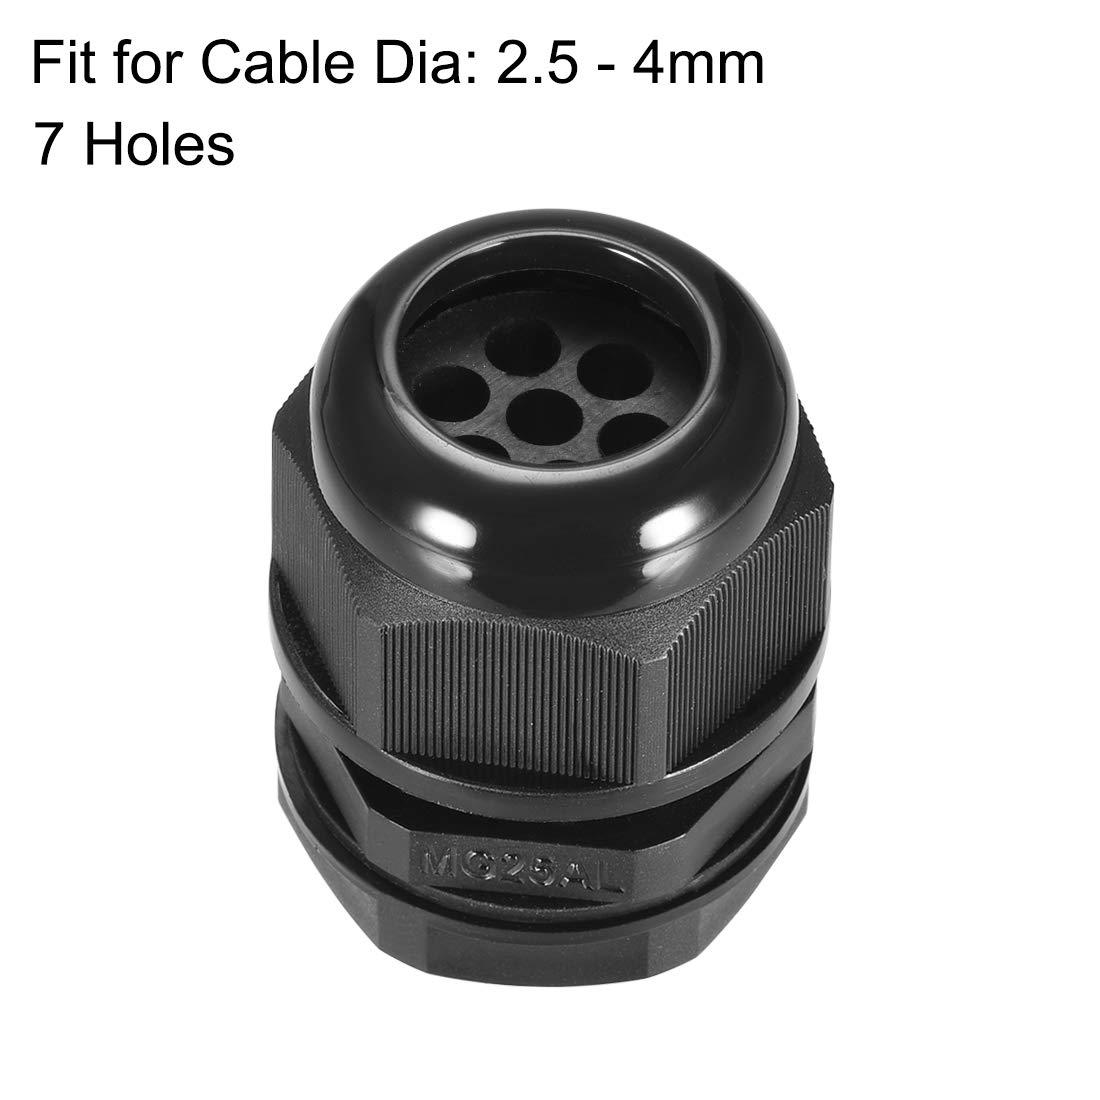 contratuerca de nylon impermeable para cable de 4.3-6.1mm de di/ámetro sourcing map Prensaestopas M25 2 agujeros